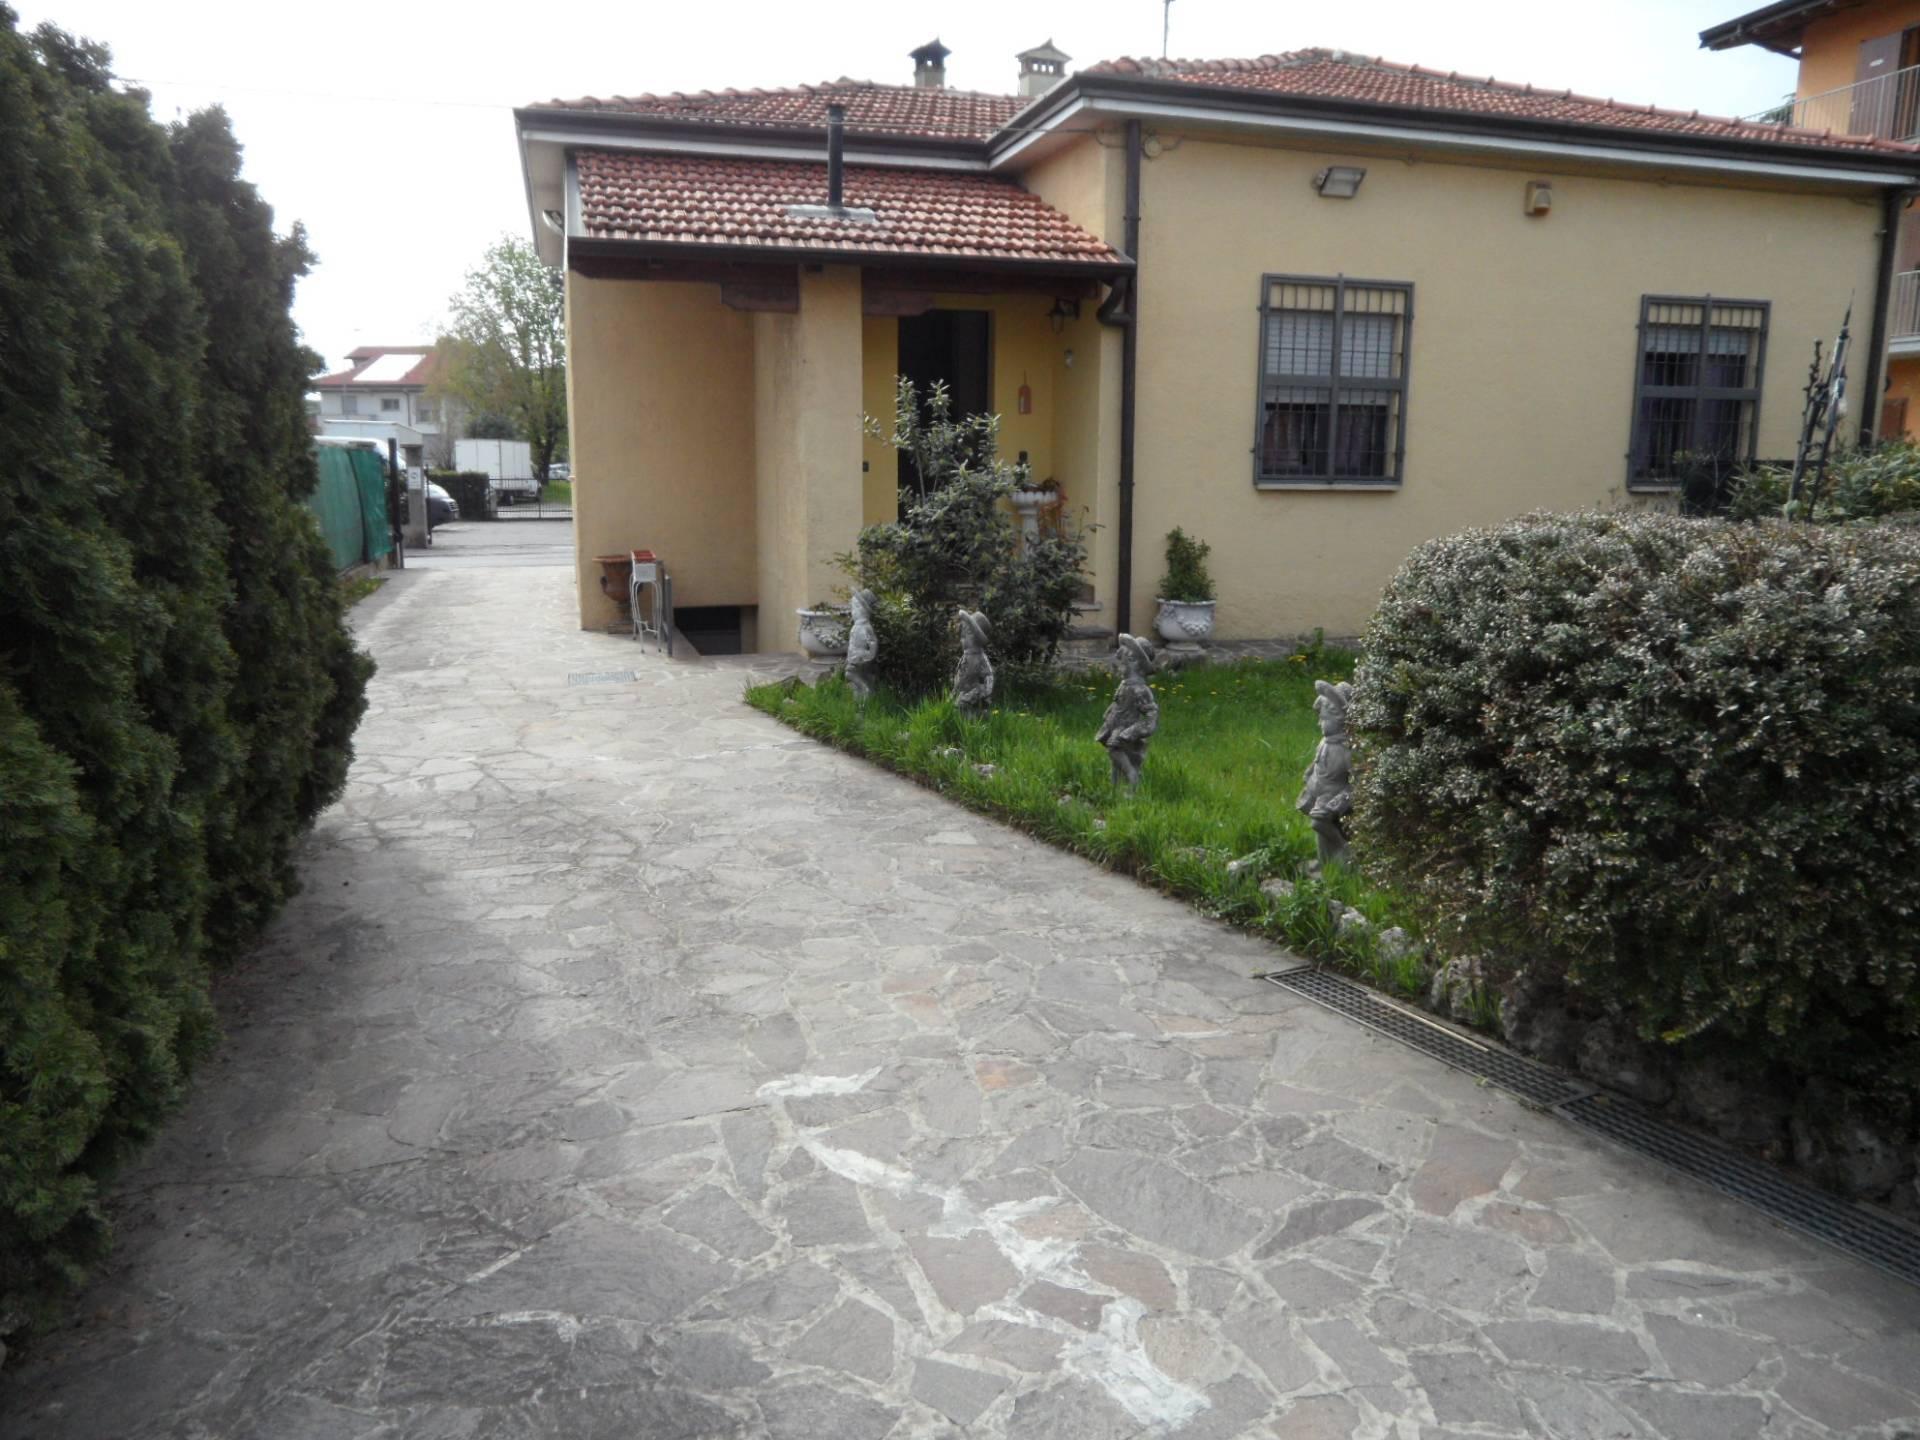 Villa in vendita a Seriate, 4 locali, prezzo € 269.000 | PortaleAgenzieImmobiliari.it